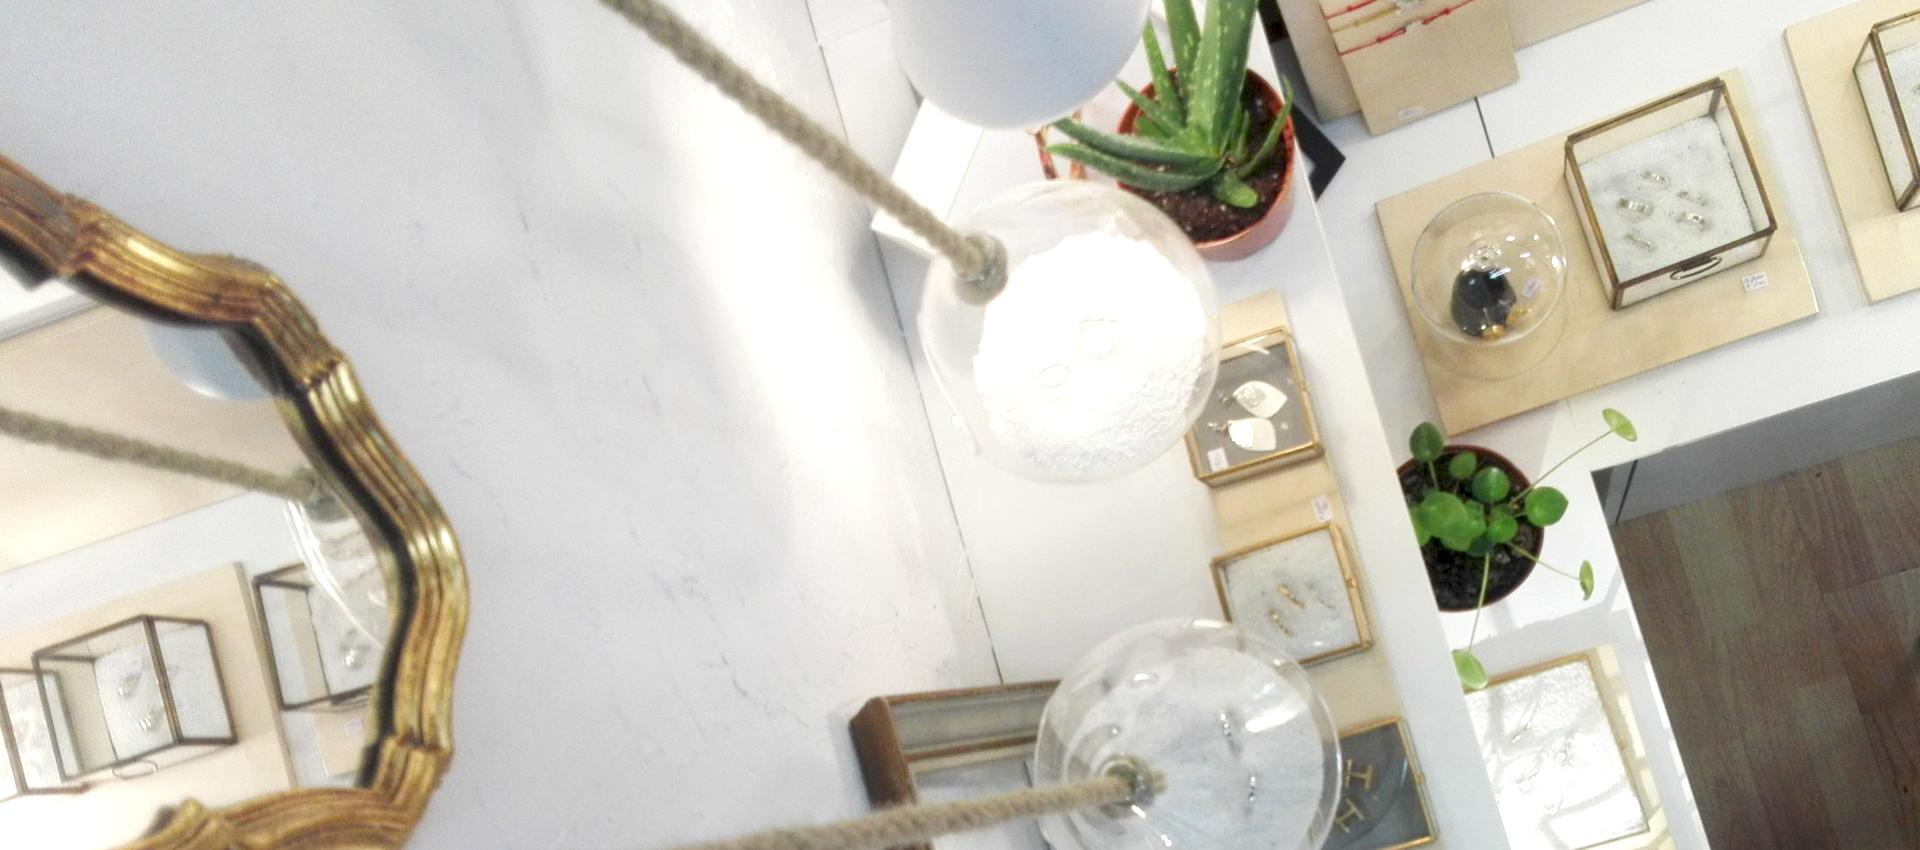 Bijoux créateur lyon, créateur bijoux lyon, bijoux lyon, artisan bijoutier lyon, alliance lyon, bijoux mariage lyon, alliance made in france, création bijou lyon, bijouterie croix rousse, bijouterie lyon 1, joaillier lyon, bijoux contemporain, bijoux lyon, bijoux argent lyon